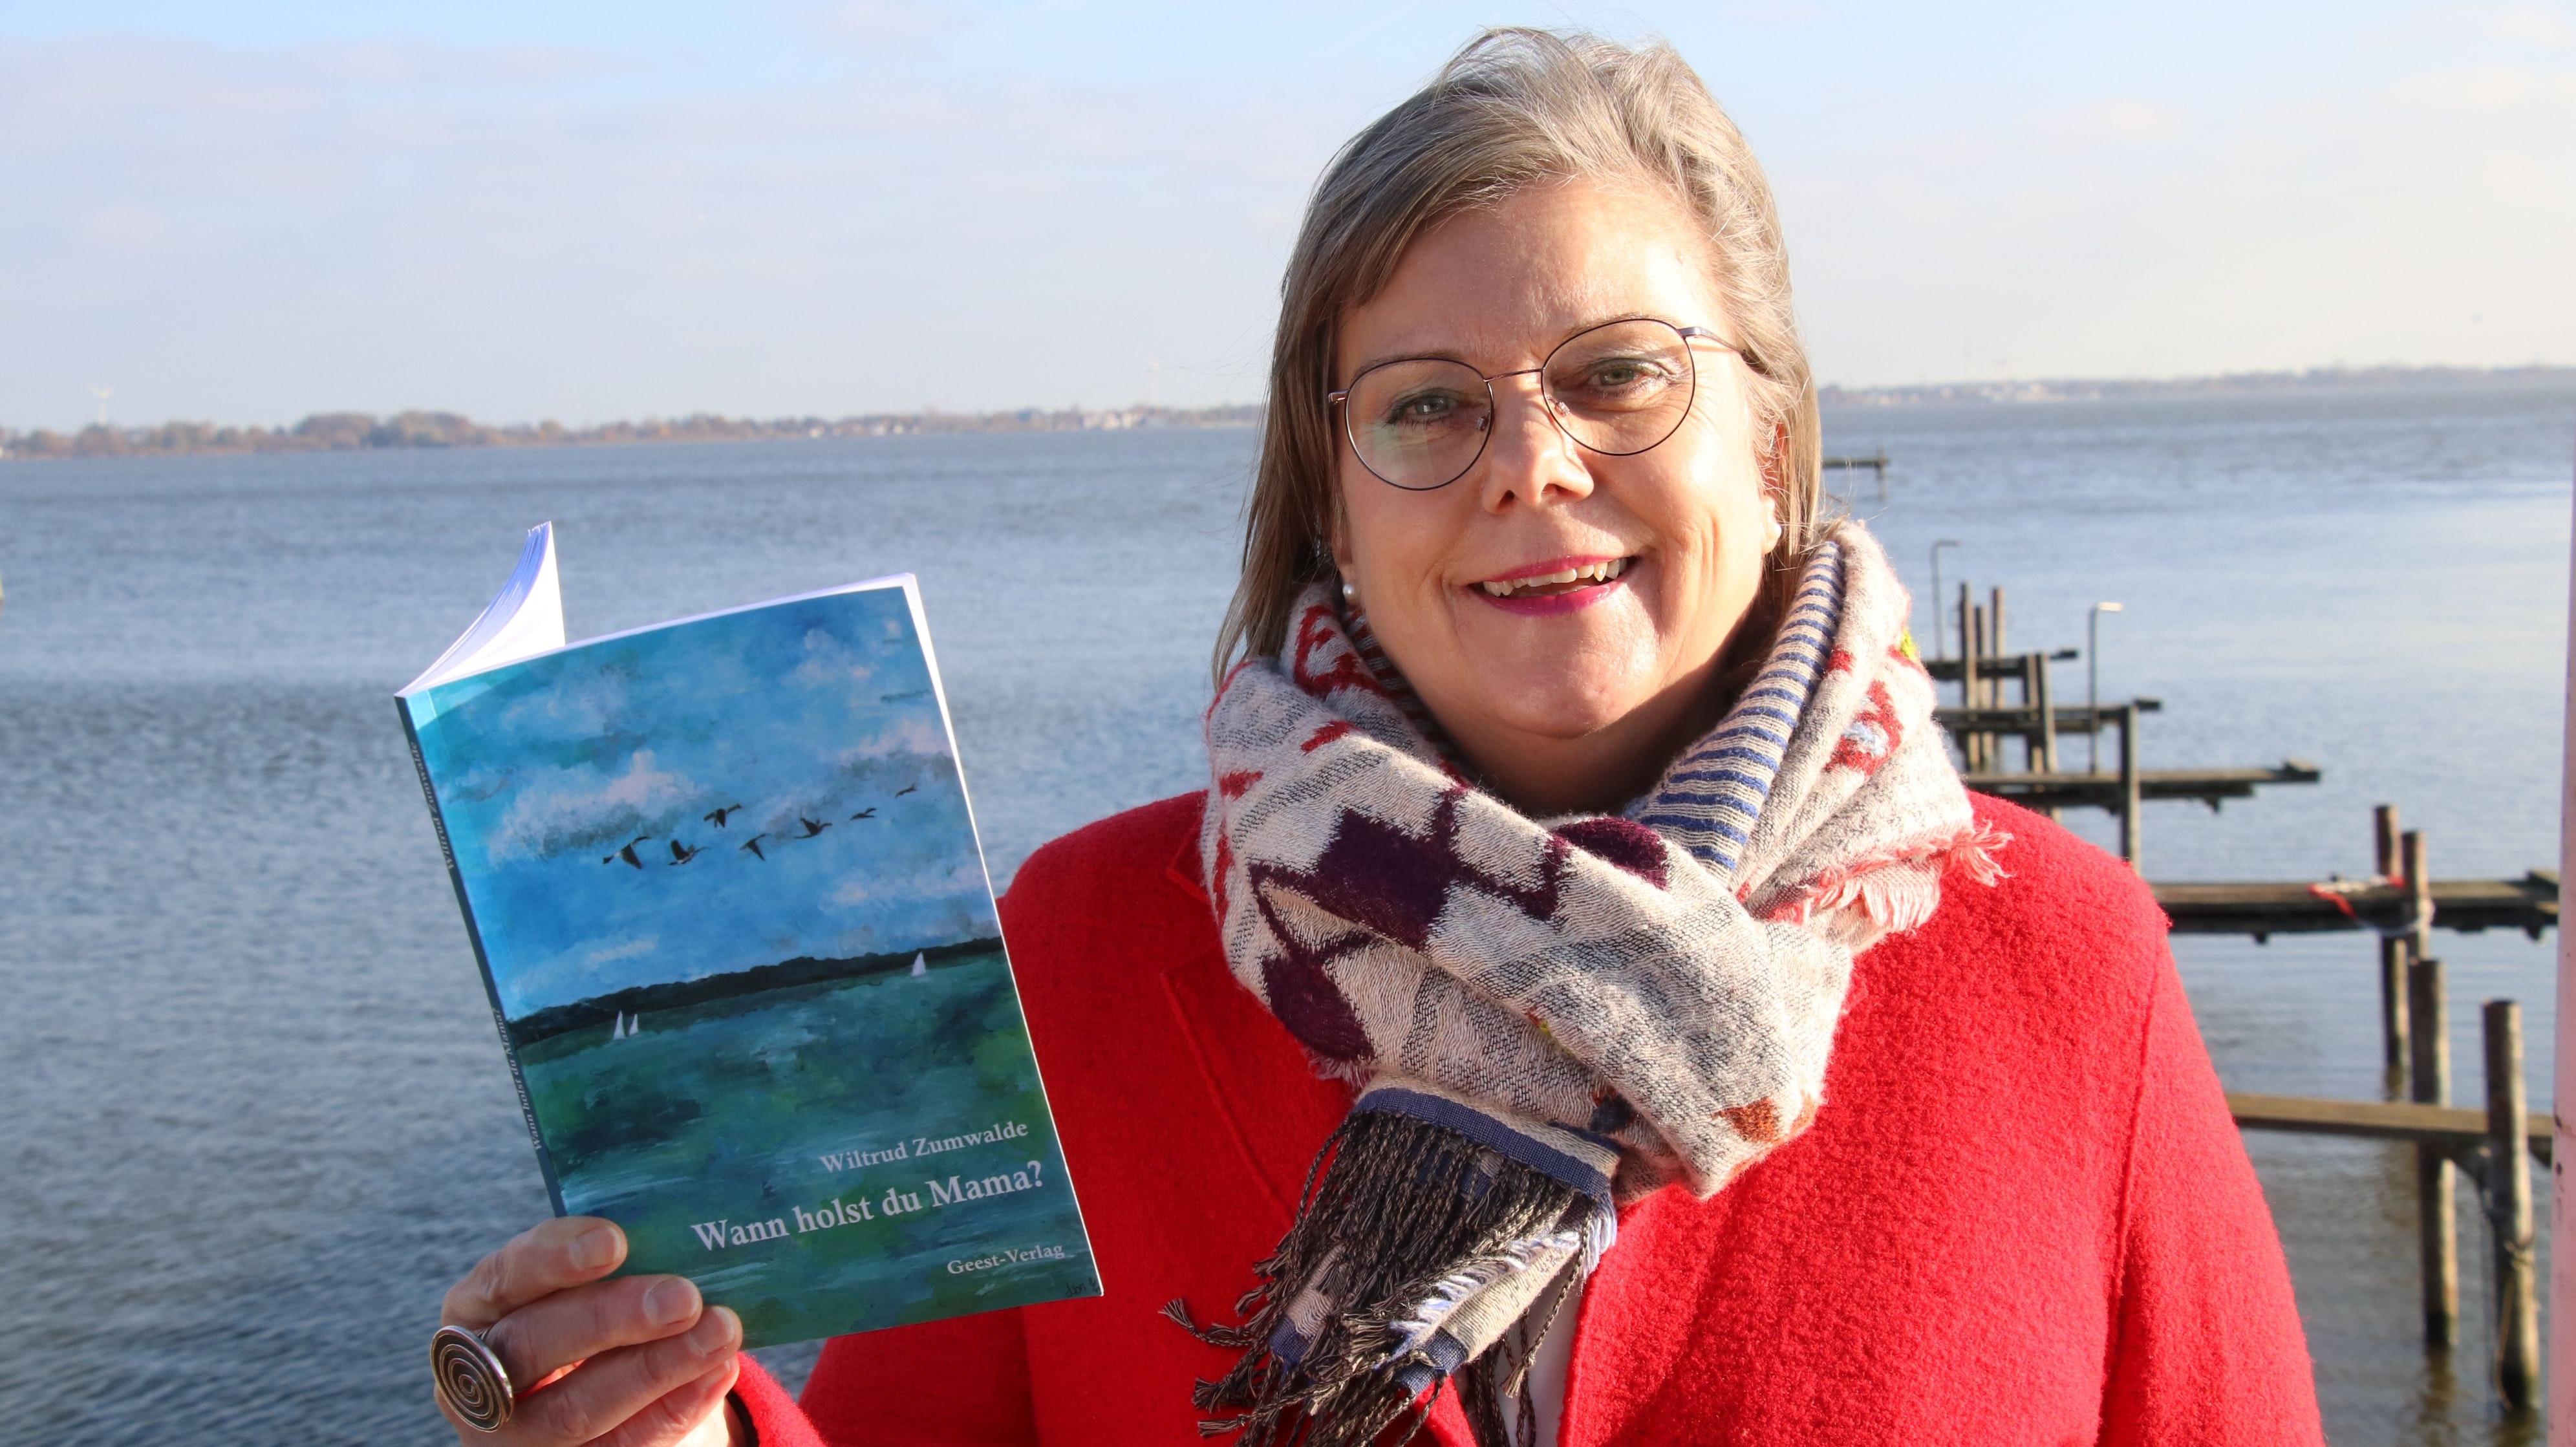 """Unter die Autorinnen gegangen: Wiltrud Zumwalde hat im Geest-Verlag ihr Buch mit dem Titel """"Wann holst Du Mama?"""" über die Pflege ihrer Eltern veröffentlicht. Foto: Lammert"""